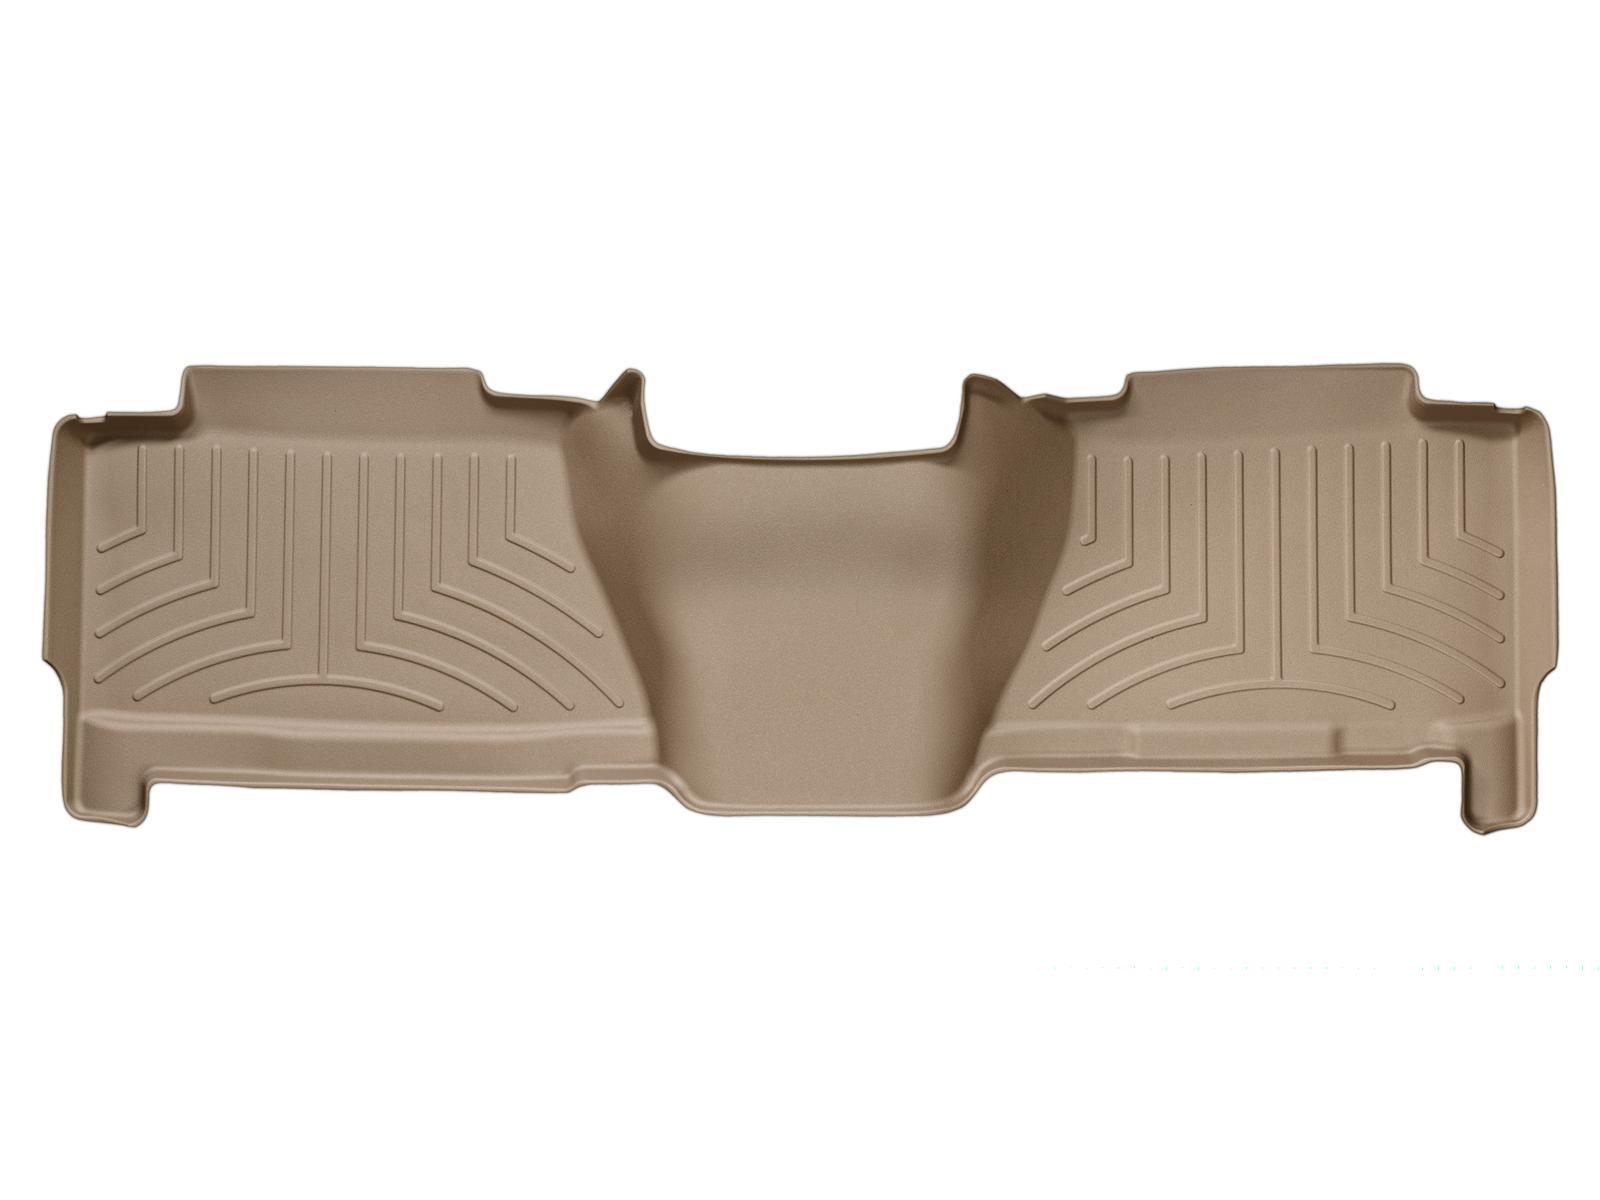 Tappeti gomma su misura bordo alto Cadillac Escalade EXT 02>06 Marrone A72*